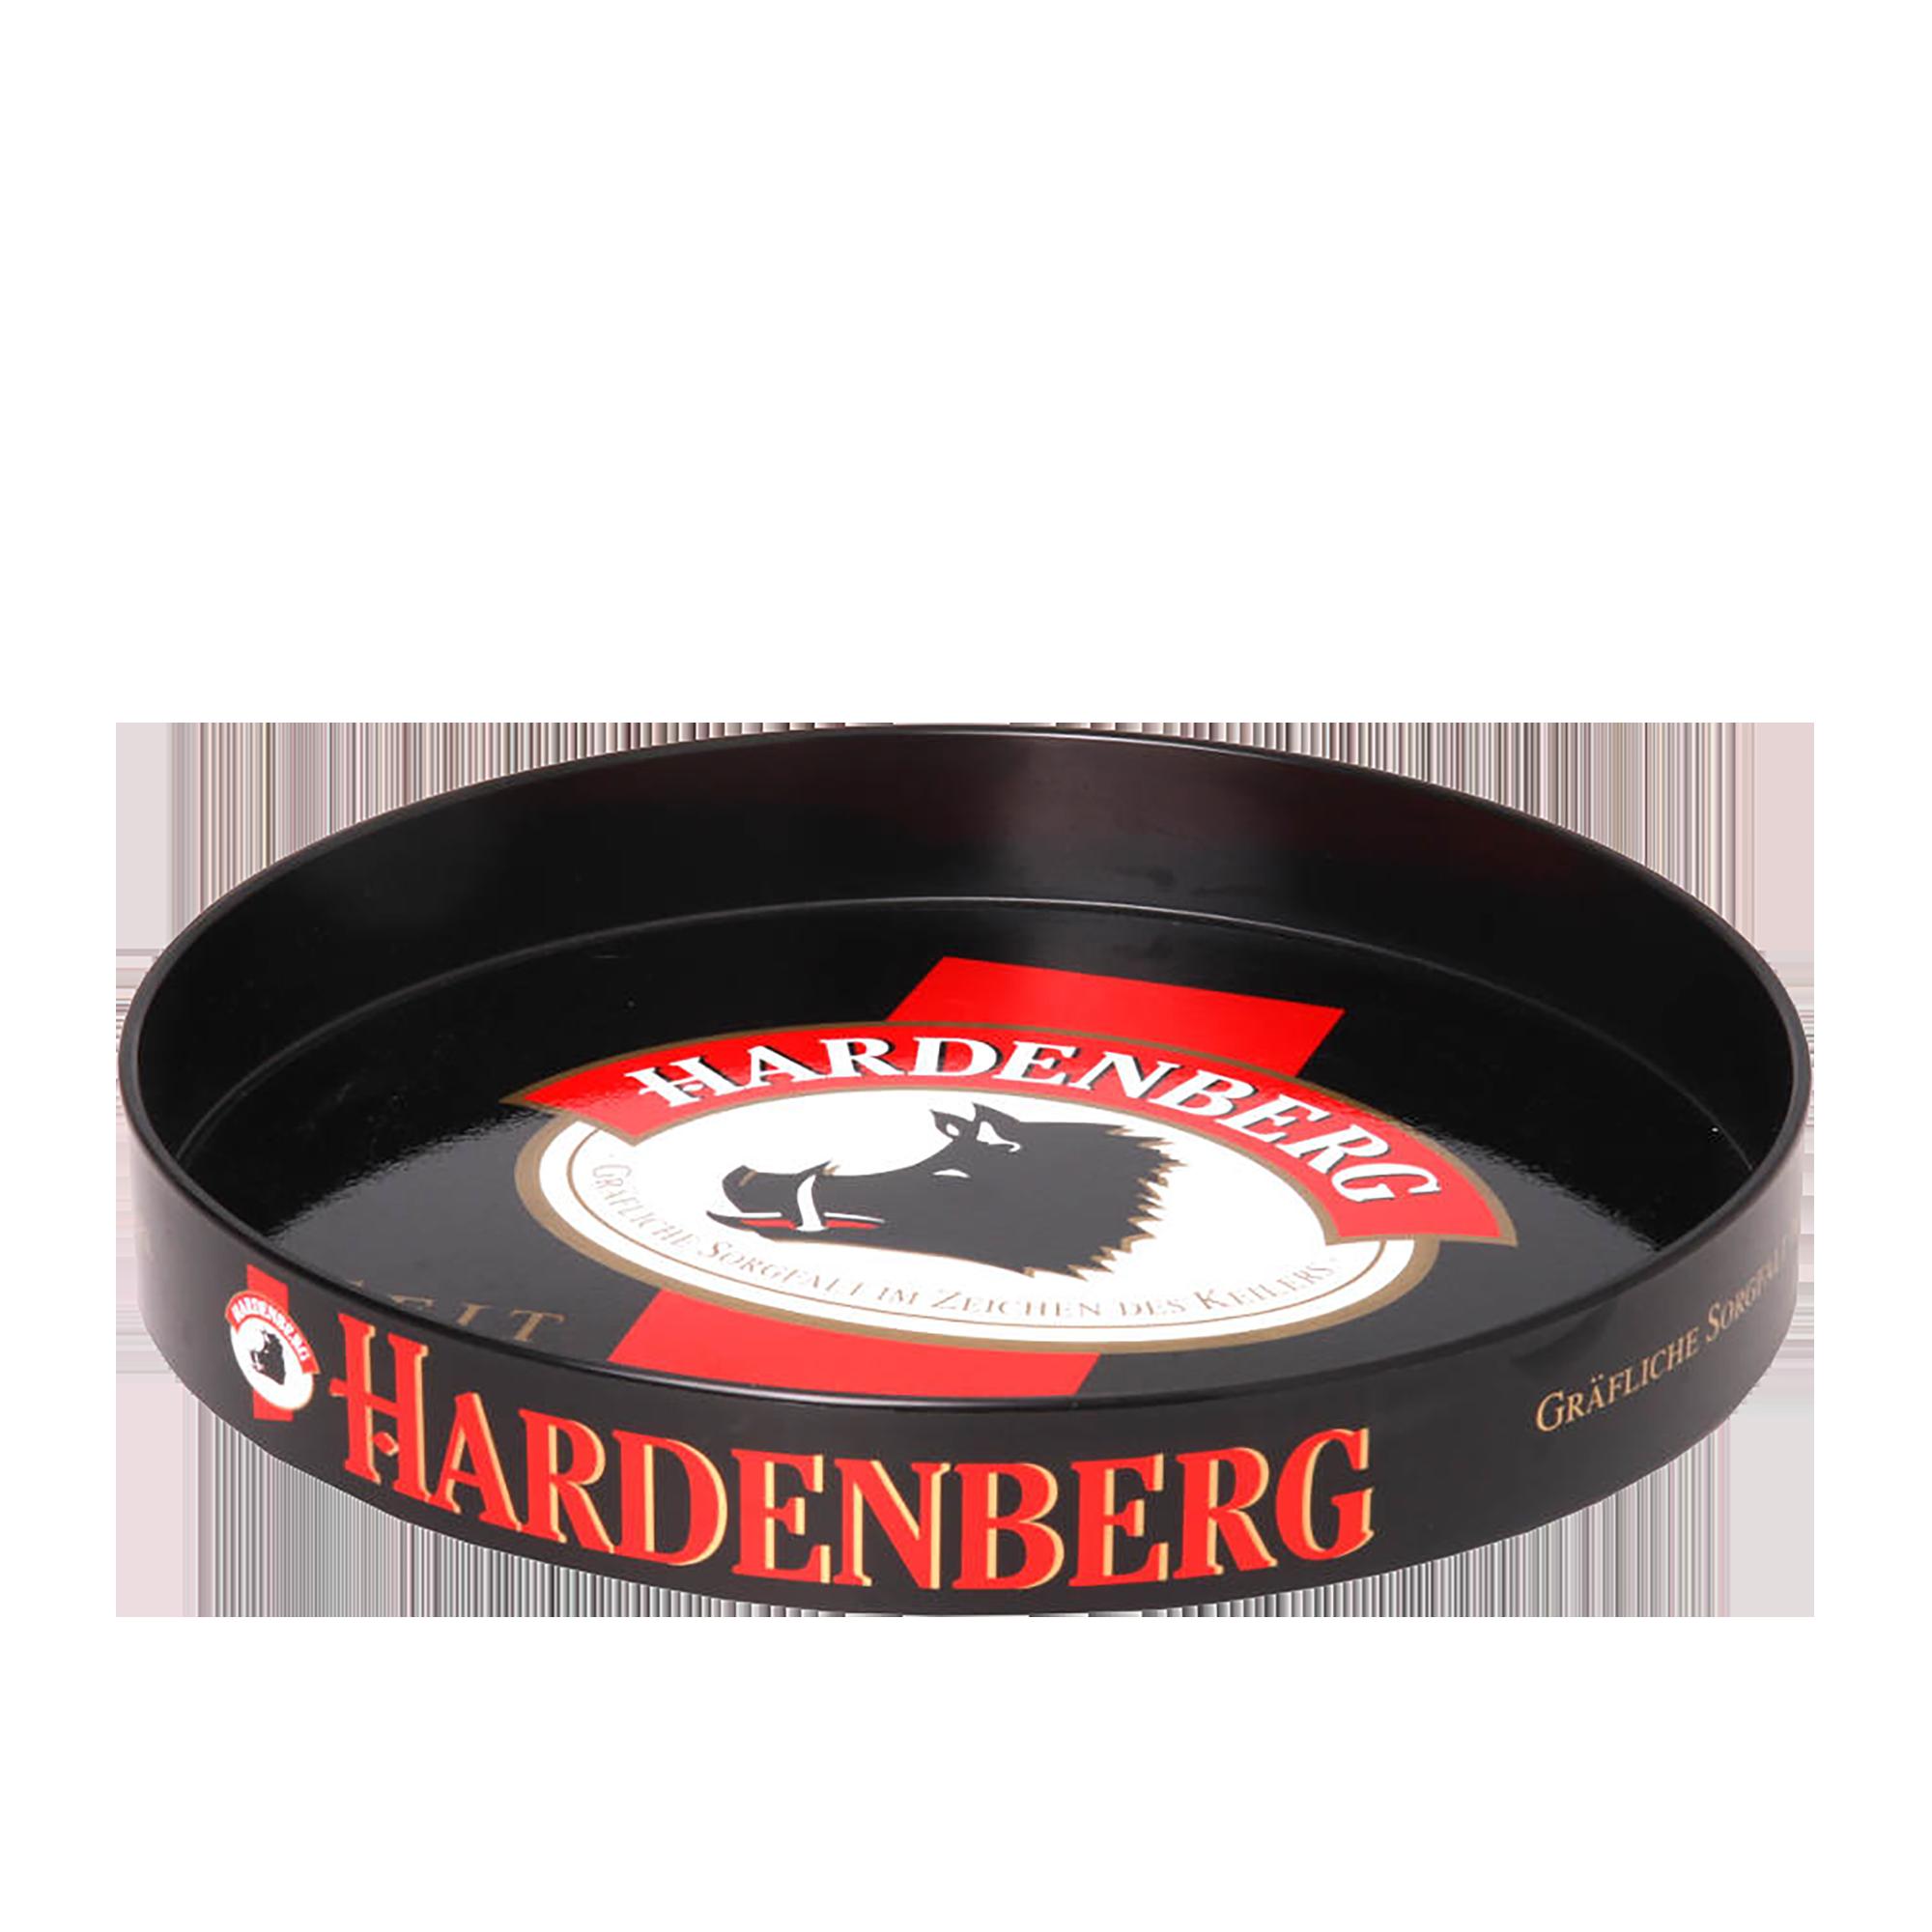 Hardenberg Tablett